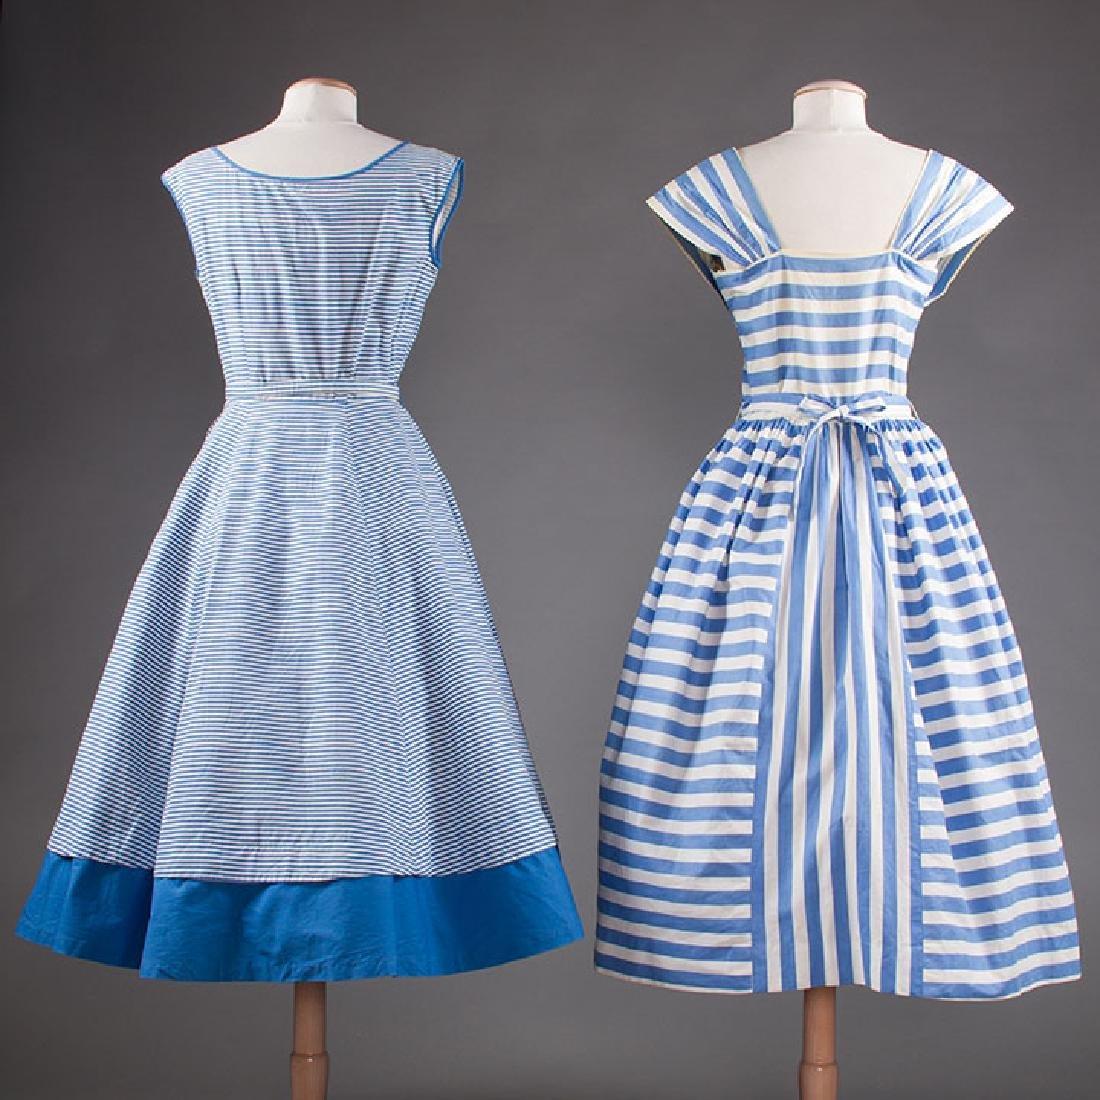 2 BLUE & WHITE COTTON DRESSES, 1950s - 3